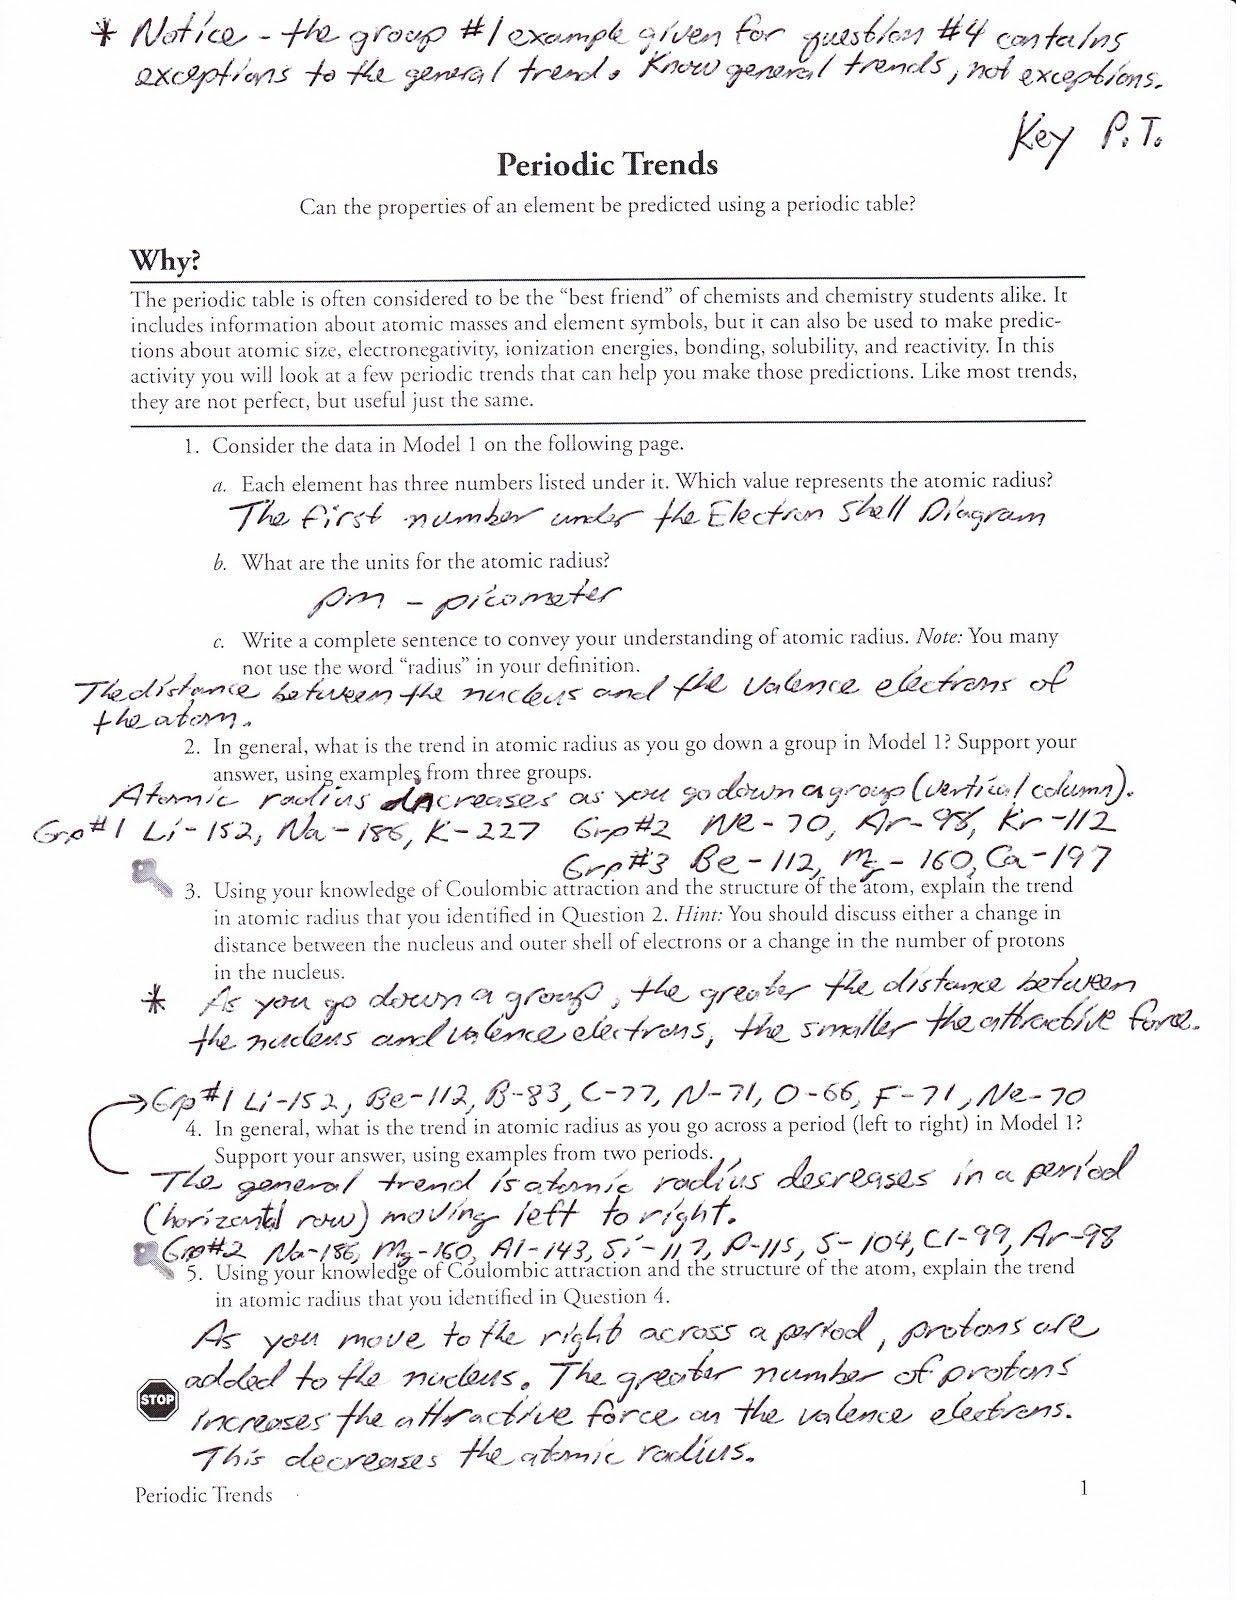 Element Scavenger Hunt Worksheet Answer Key